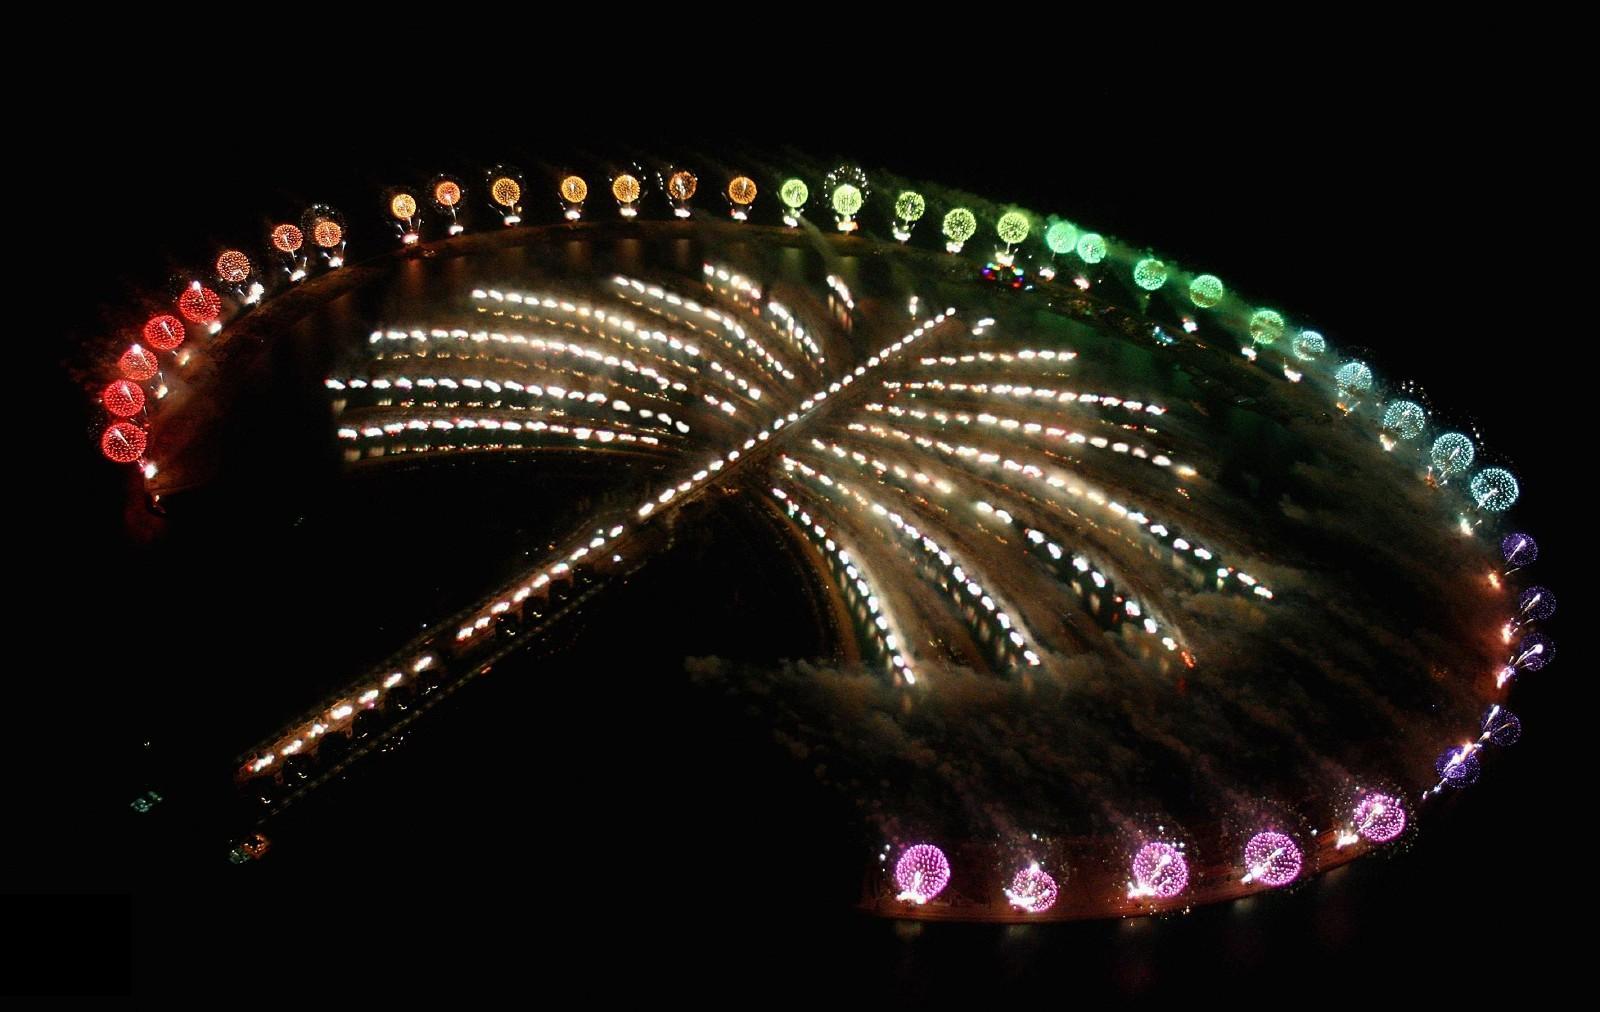 Letseggo!: 2) Palm Island, Dubai